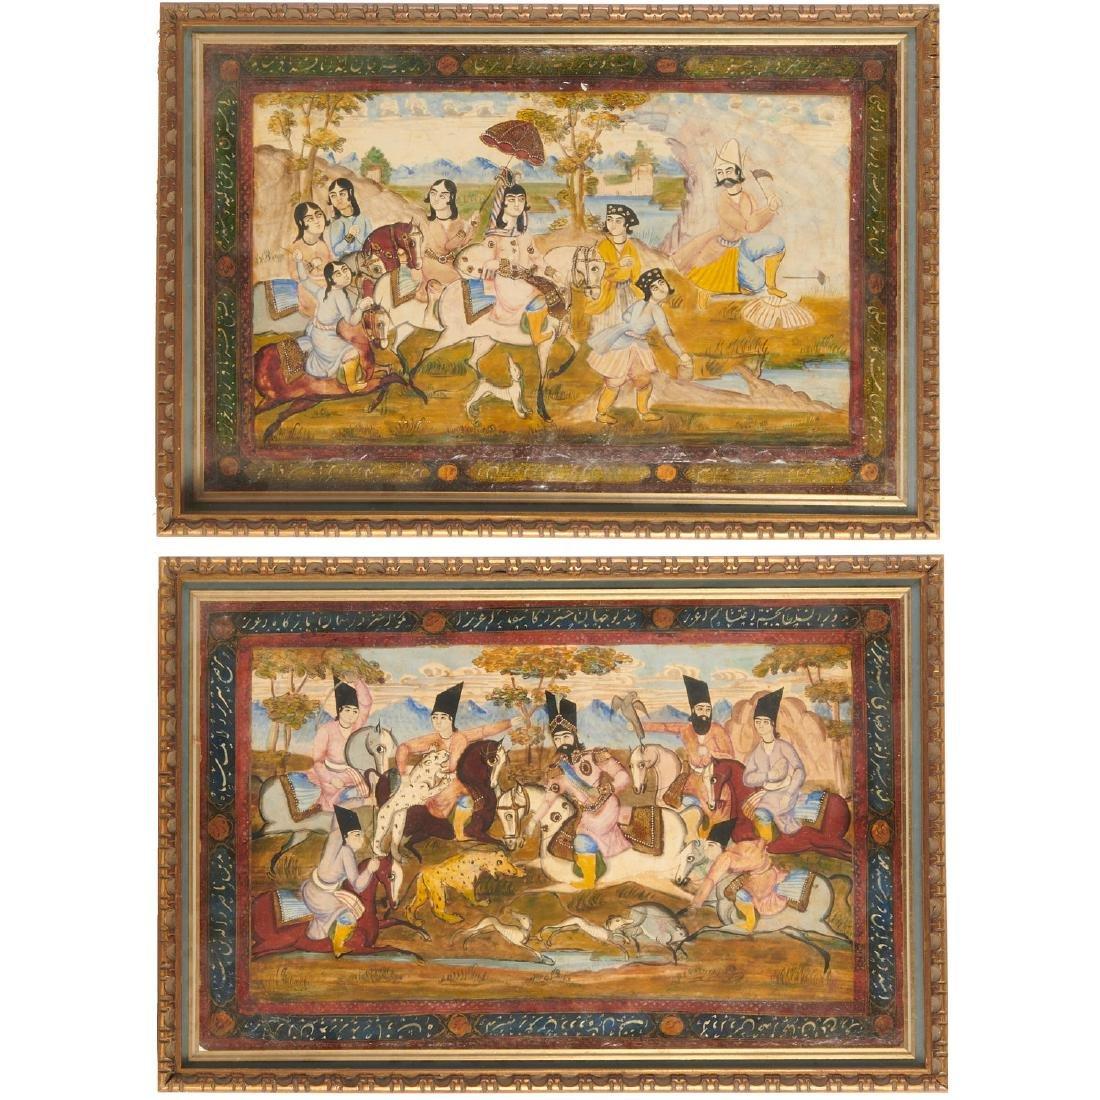 (2) Persian hunt scene paintings